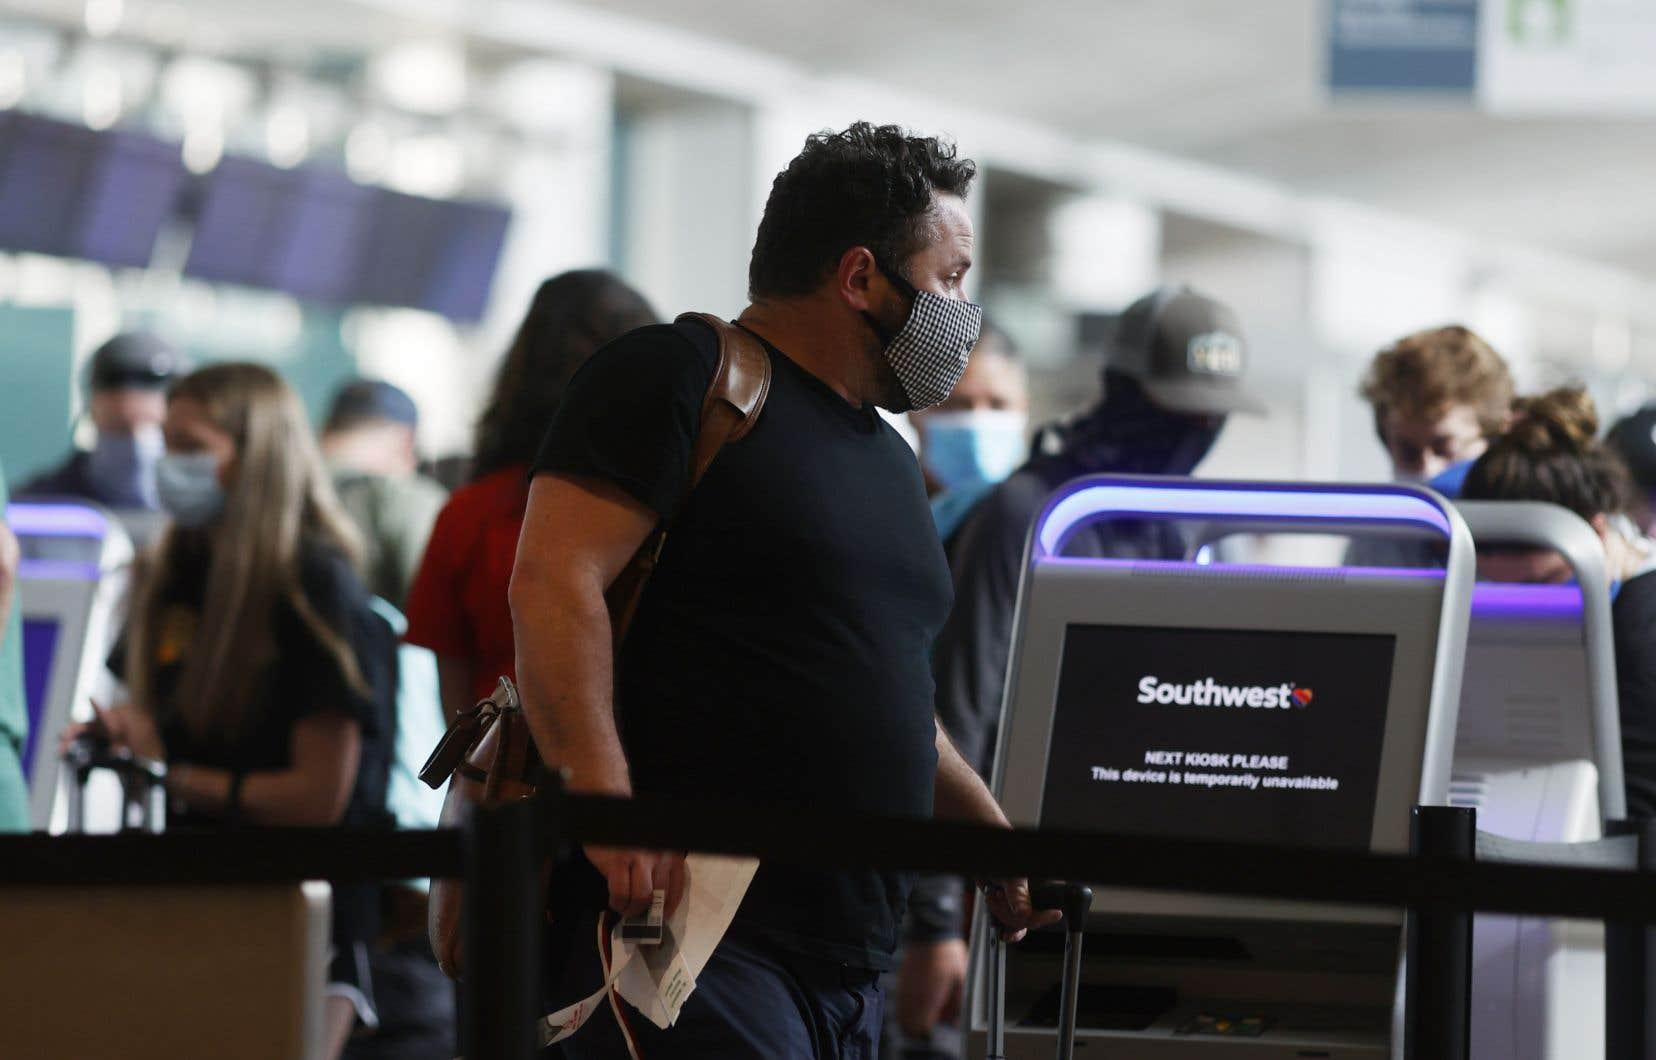 La pandémie mondiale a gravement affaibli les transporteurs aériens, notamment la compagnie américaine Southwest Airlines.